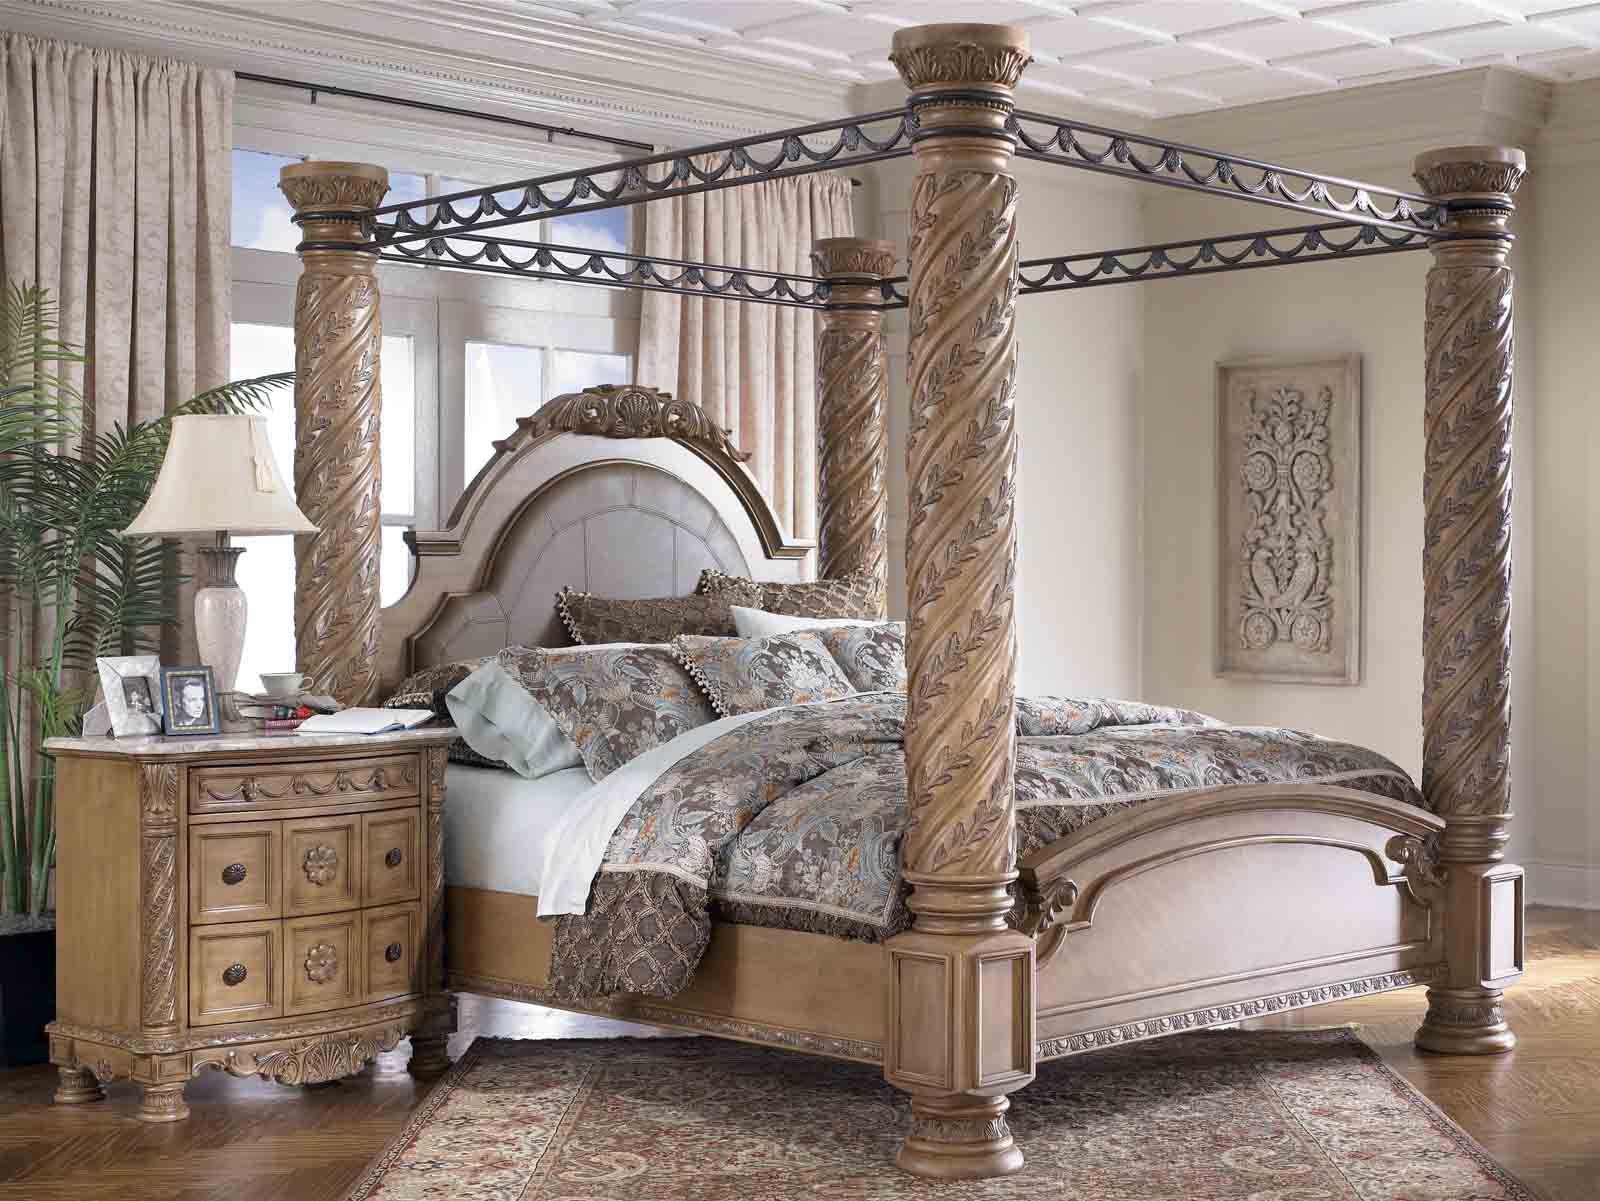 Beautiful King Canopy Bedroom Set Canopy Beds Queen Bedroom | re ...